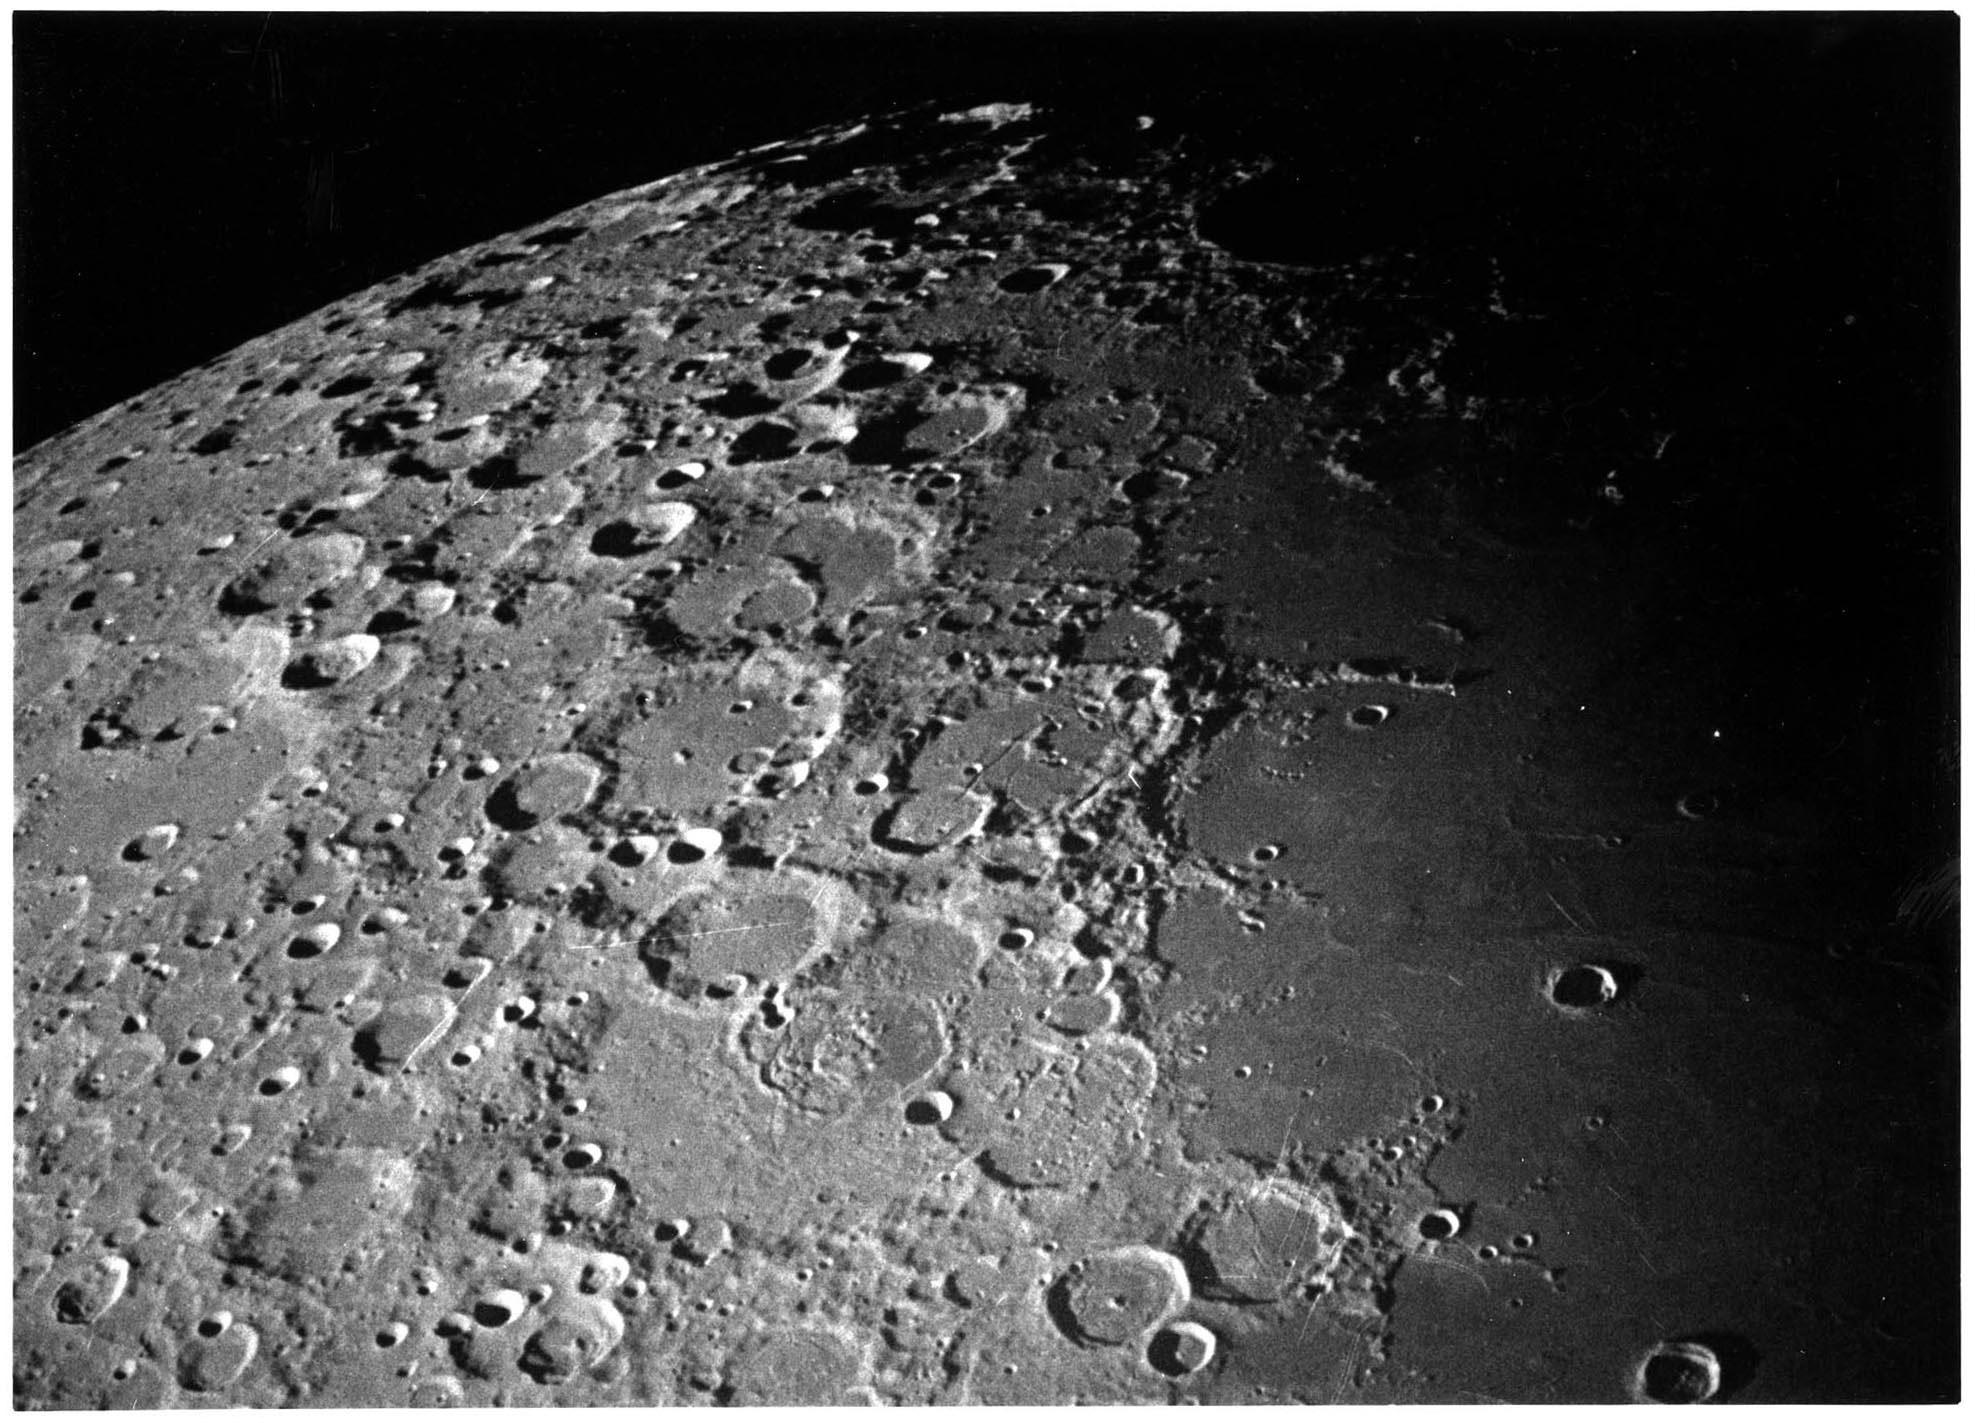 фото луны с космического аппарата челябинского